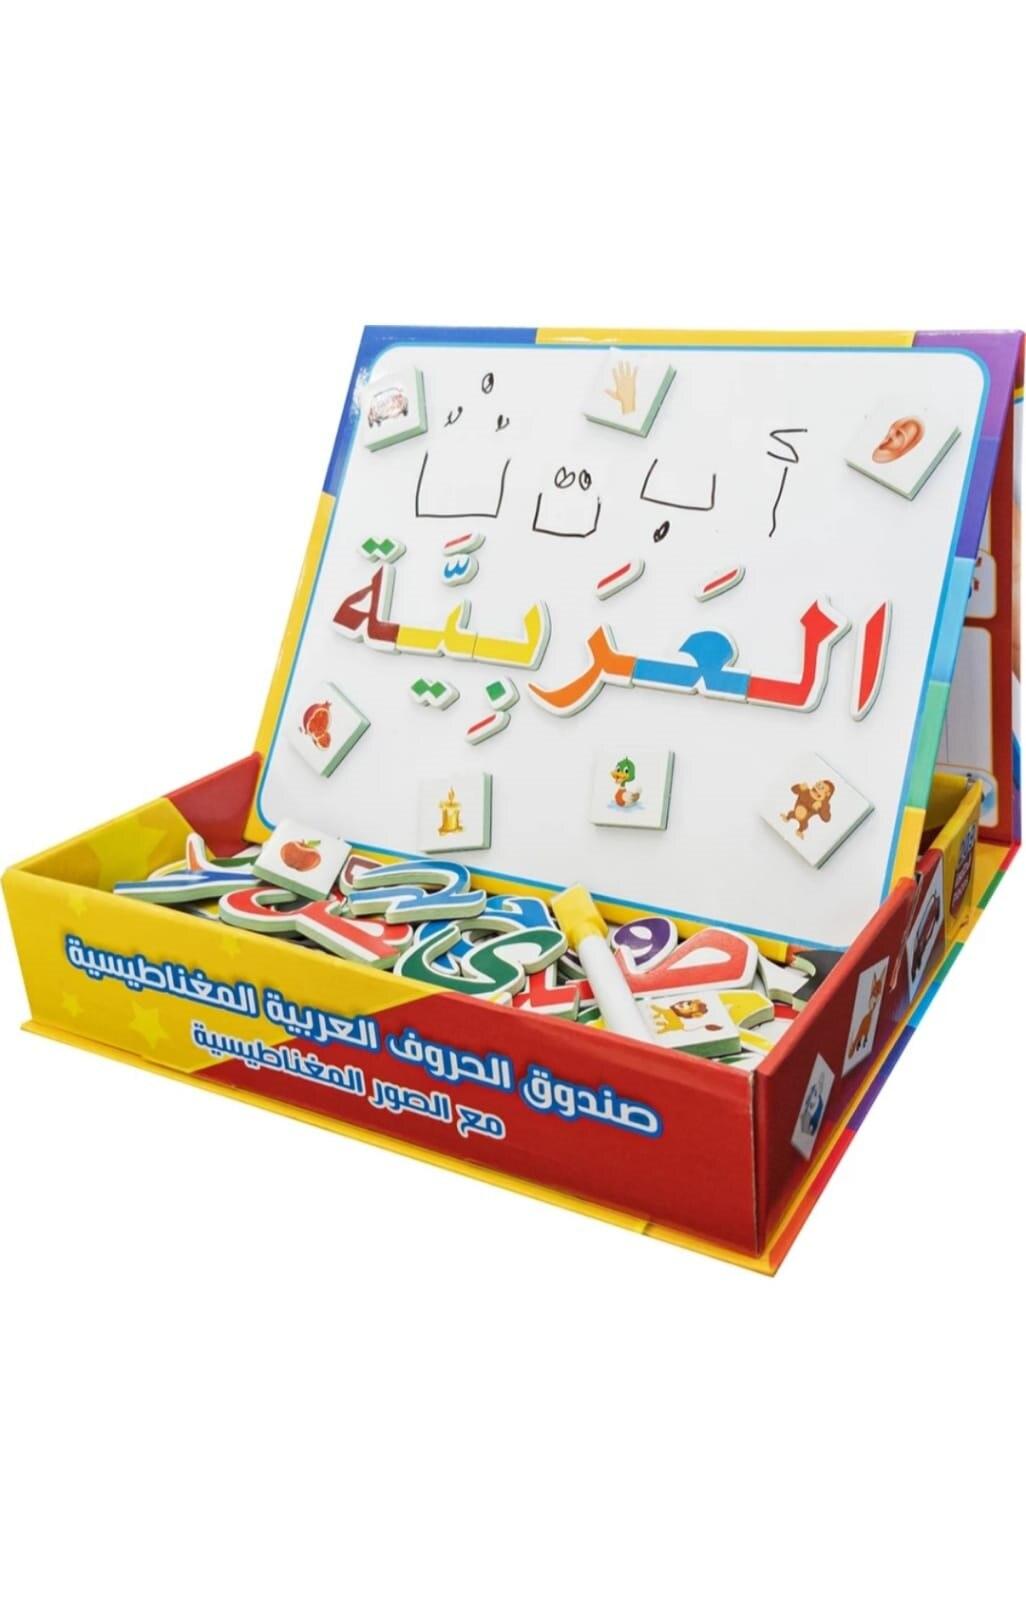 جديد للأطفال ماجيك المغناطيسي كتاب ثلاثية الأبعاد أحجية الصور المقطوعة حروف عربيّة لعبة مونتيسوري في وقت مبكر ألعاب تعليمية للأطفال الأطفا...